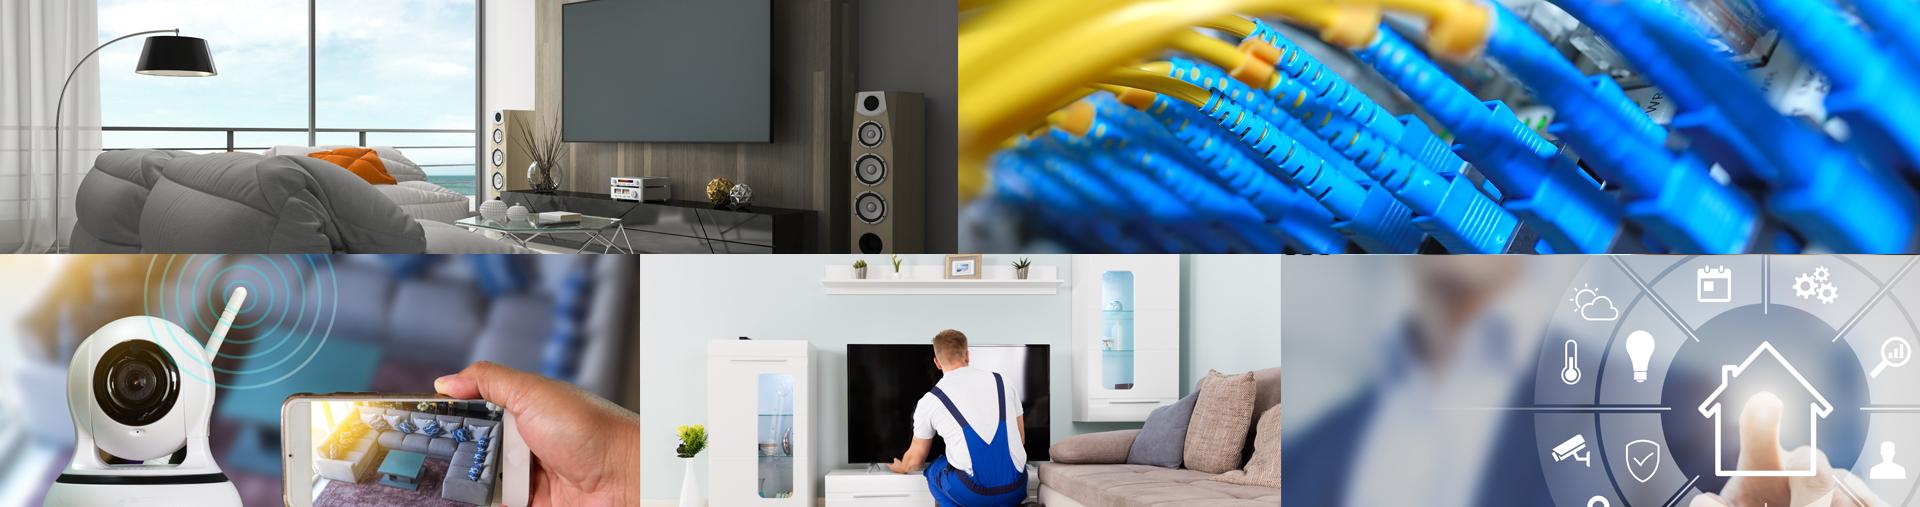 Milton-GA-home-Automation